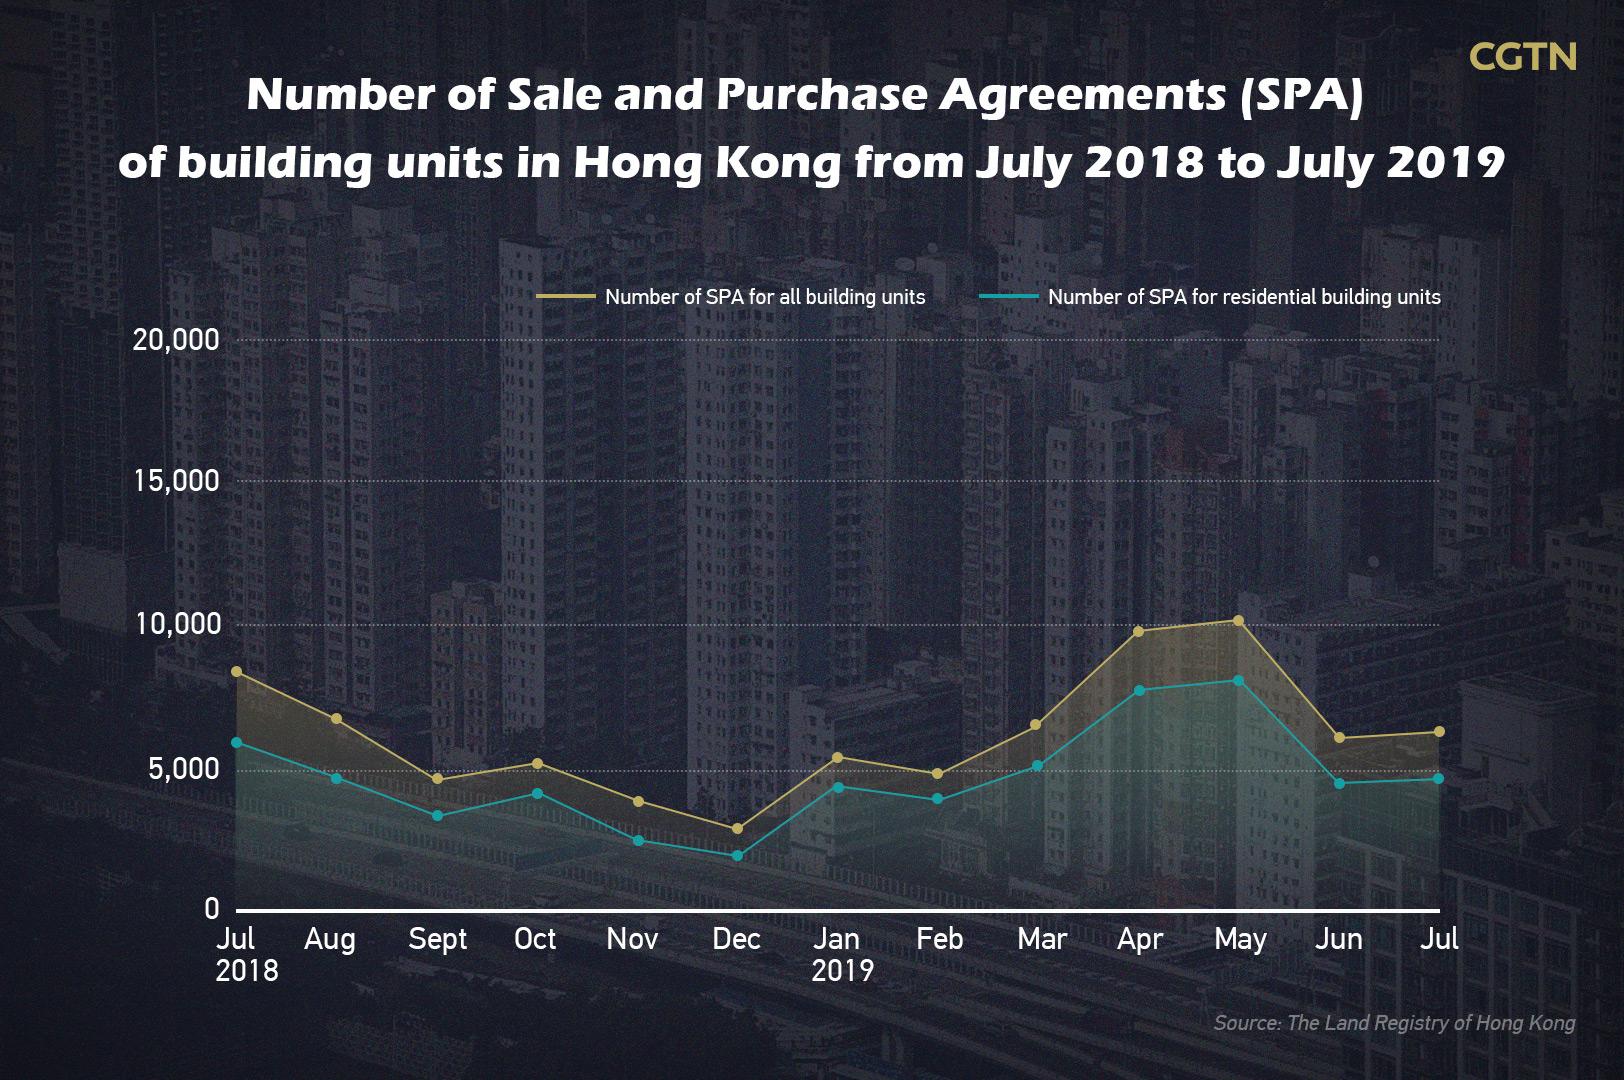 Hong Kong property market and economy badly hit amid protests